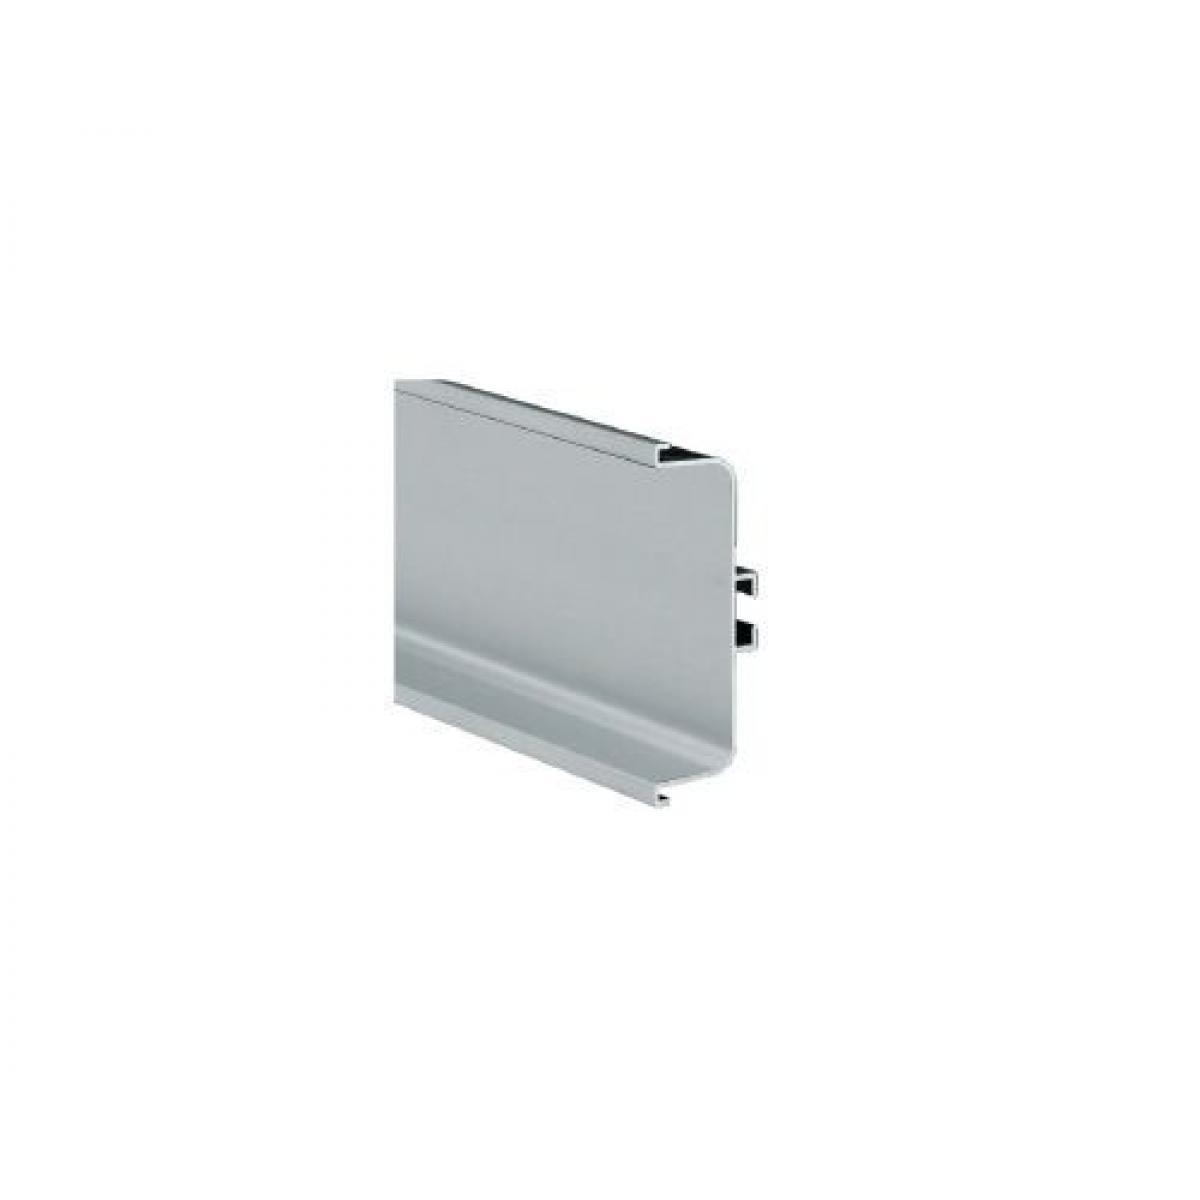 Профиль 8007 L 4,1м алюминий